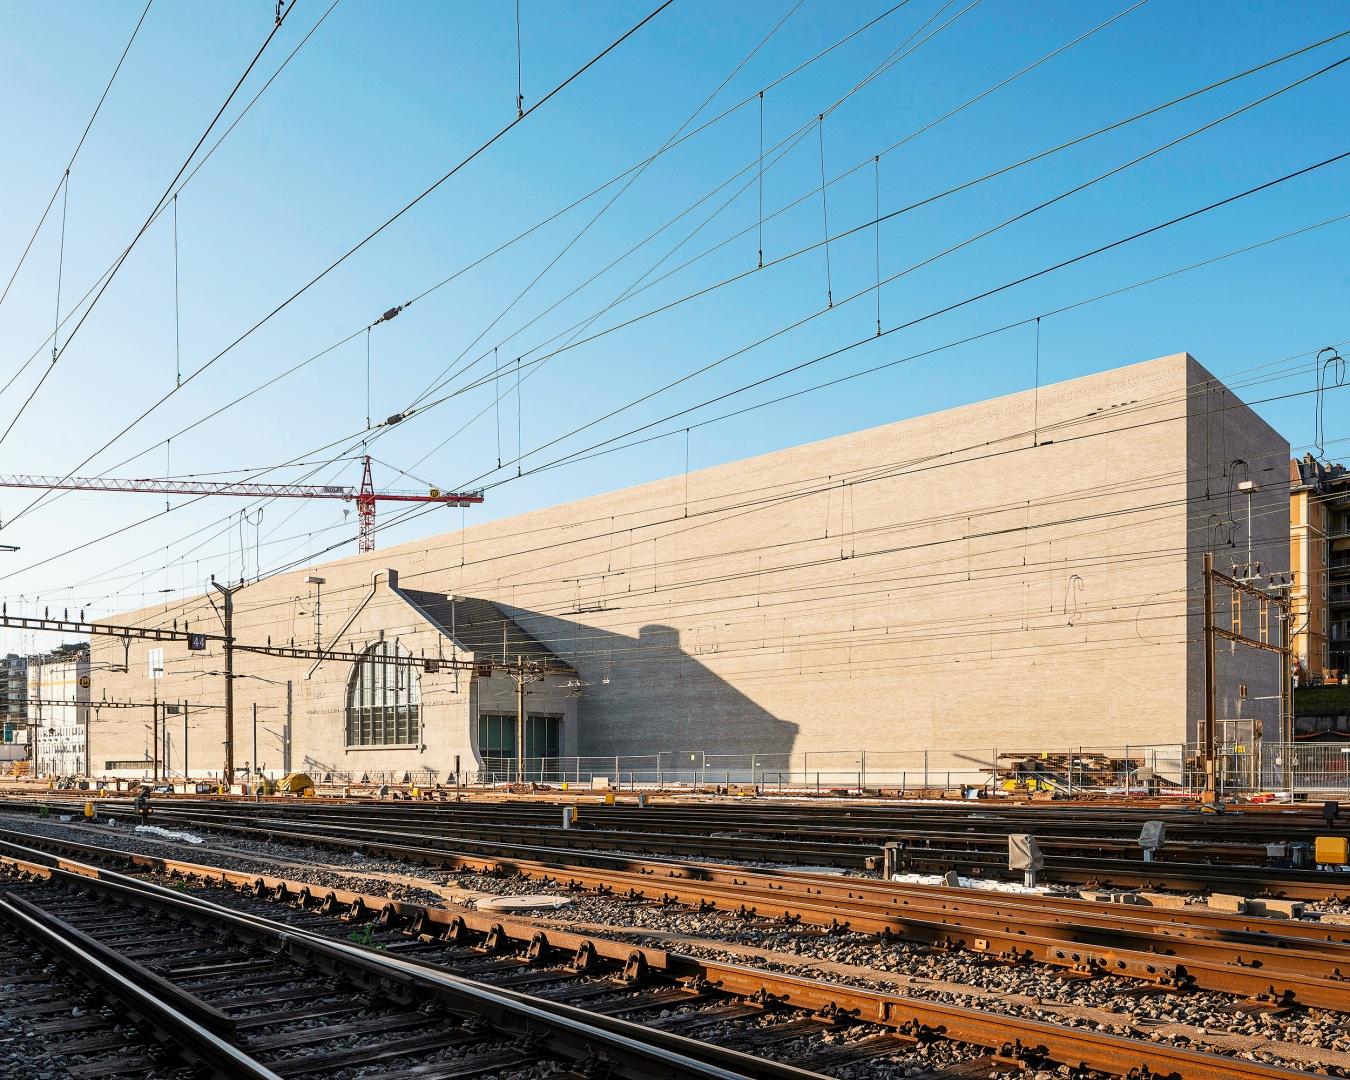 La réalisation de ce programme ambitieux, un bâtiment de 140 mètres de long, impacte directement le bord des voies de chemin de fer. Représentatif d'une conception rationnelle et d'une morphologie simple, l'édifice se présente sous forme d'un monolithe. © Matthieu Gafsou